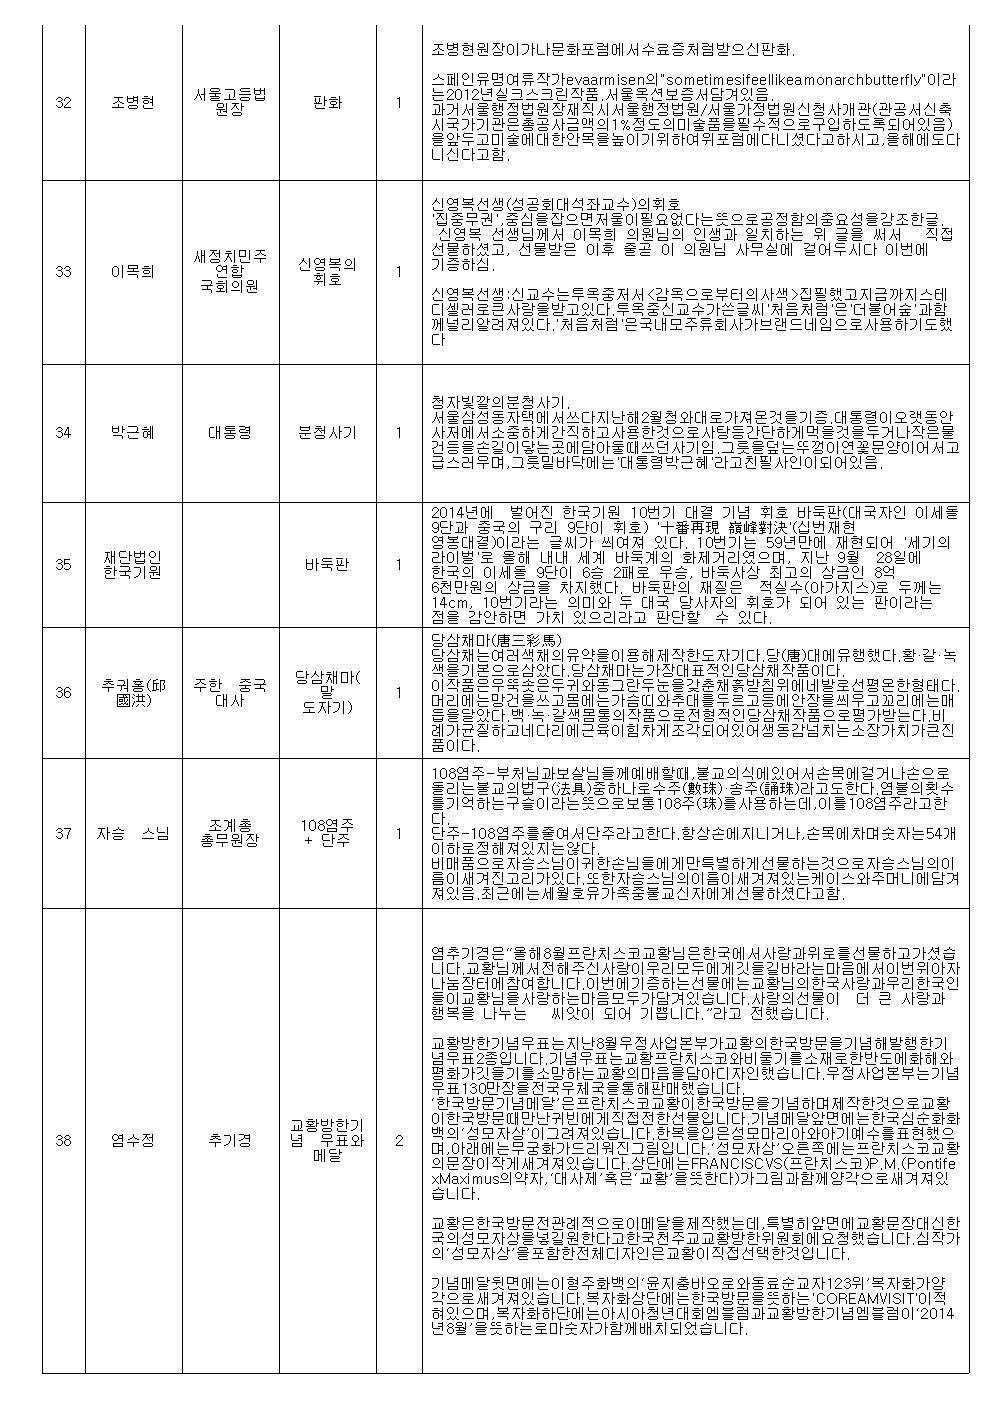 명사기증품 경매 진행순서(최종)004.jpg